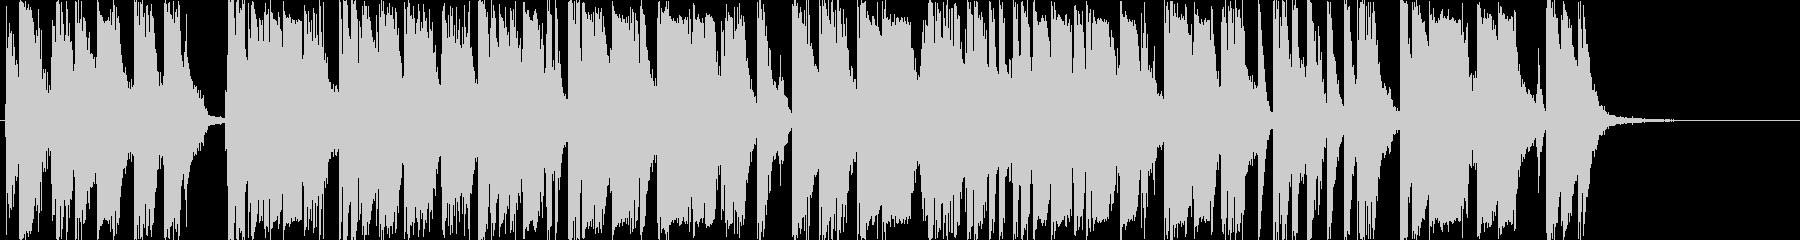 爆竹/銃撃戦「パンパンパパン」20秒の未再生の波形